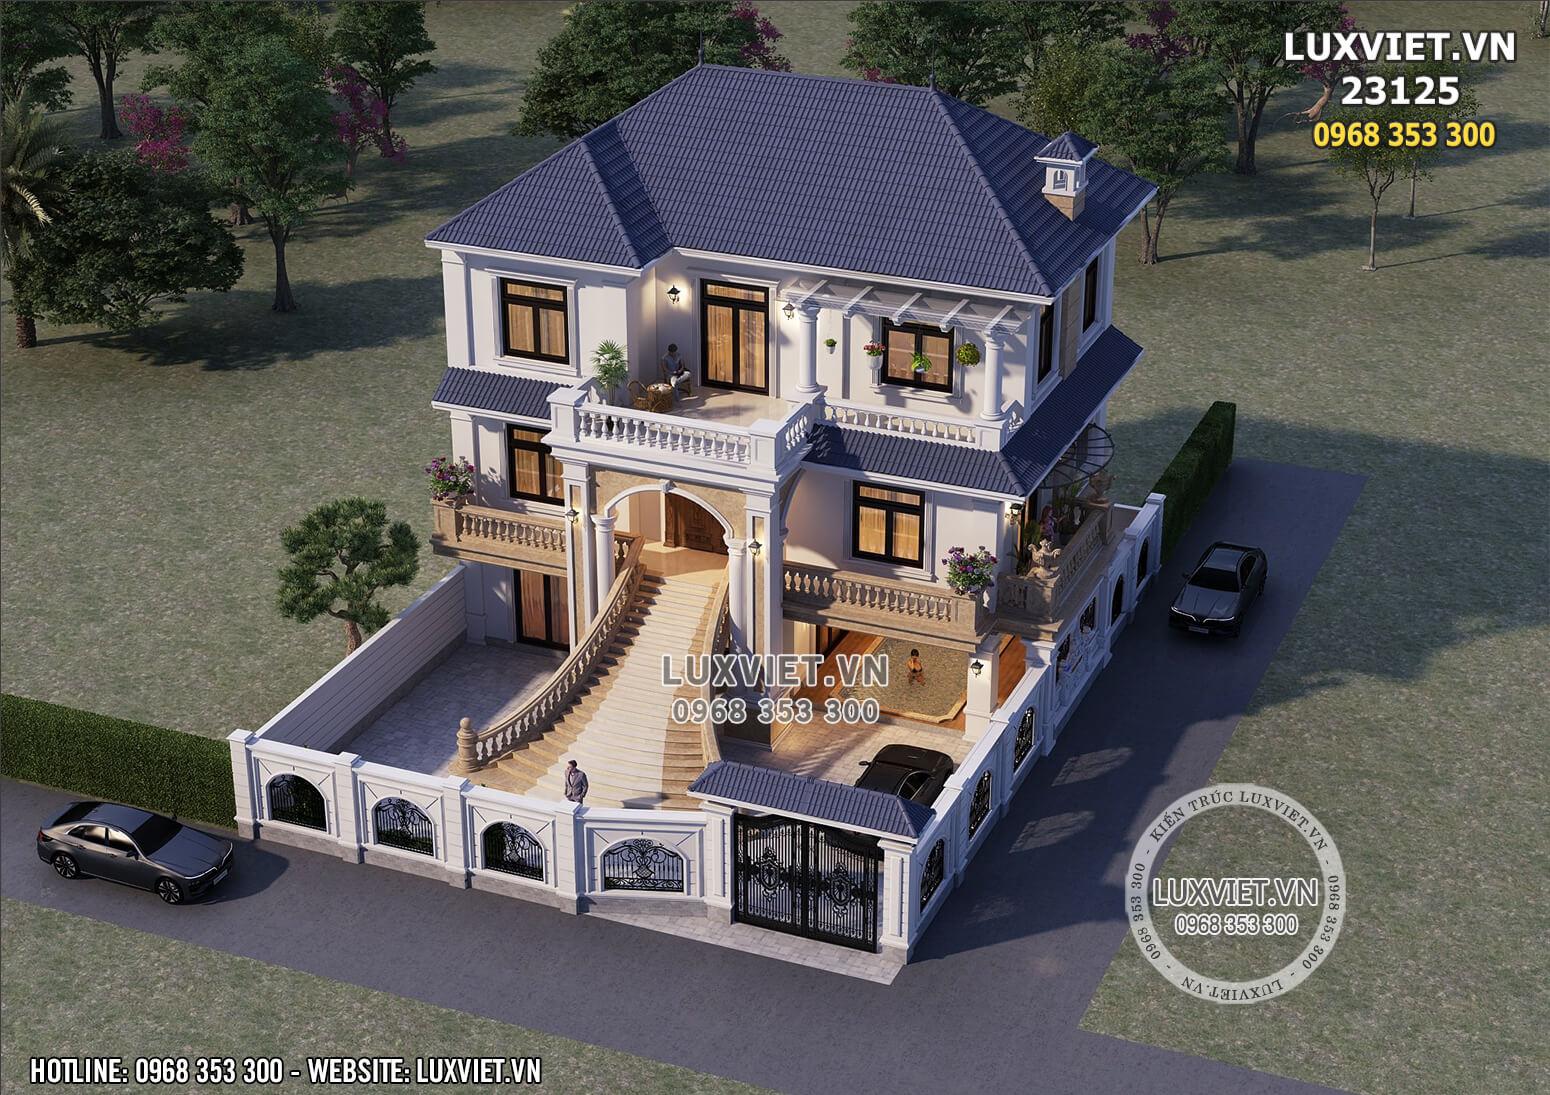 Hình ảnh: Phối cảnh 3D thiết kế nhà 1 trệt 2 lầu đẹp tại Bắc Ninh - LV 23125